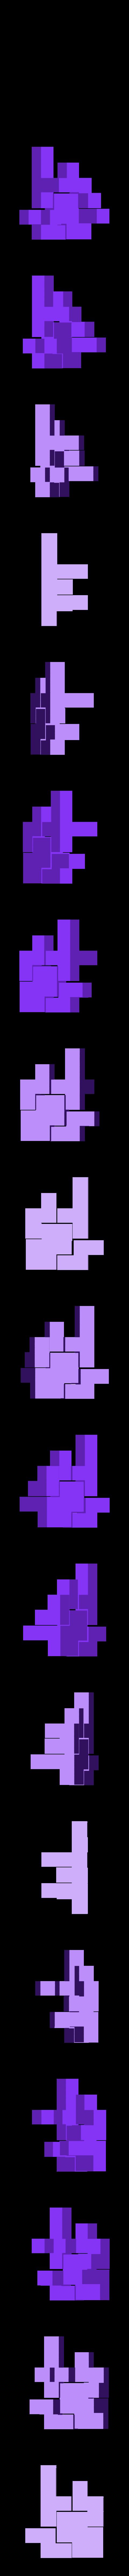 mini_puzzlecube_color1_pieces.stl Télécharger fichier STL gratuit Mini Puzzle Cube Impossible • Objet pour imprimante 3D, Balkhagal4D